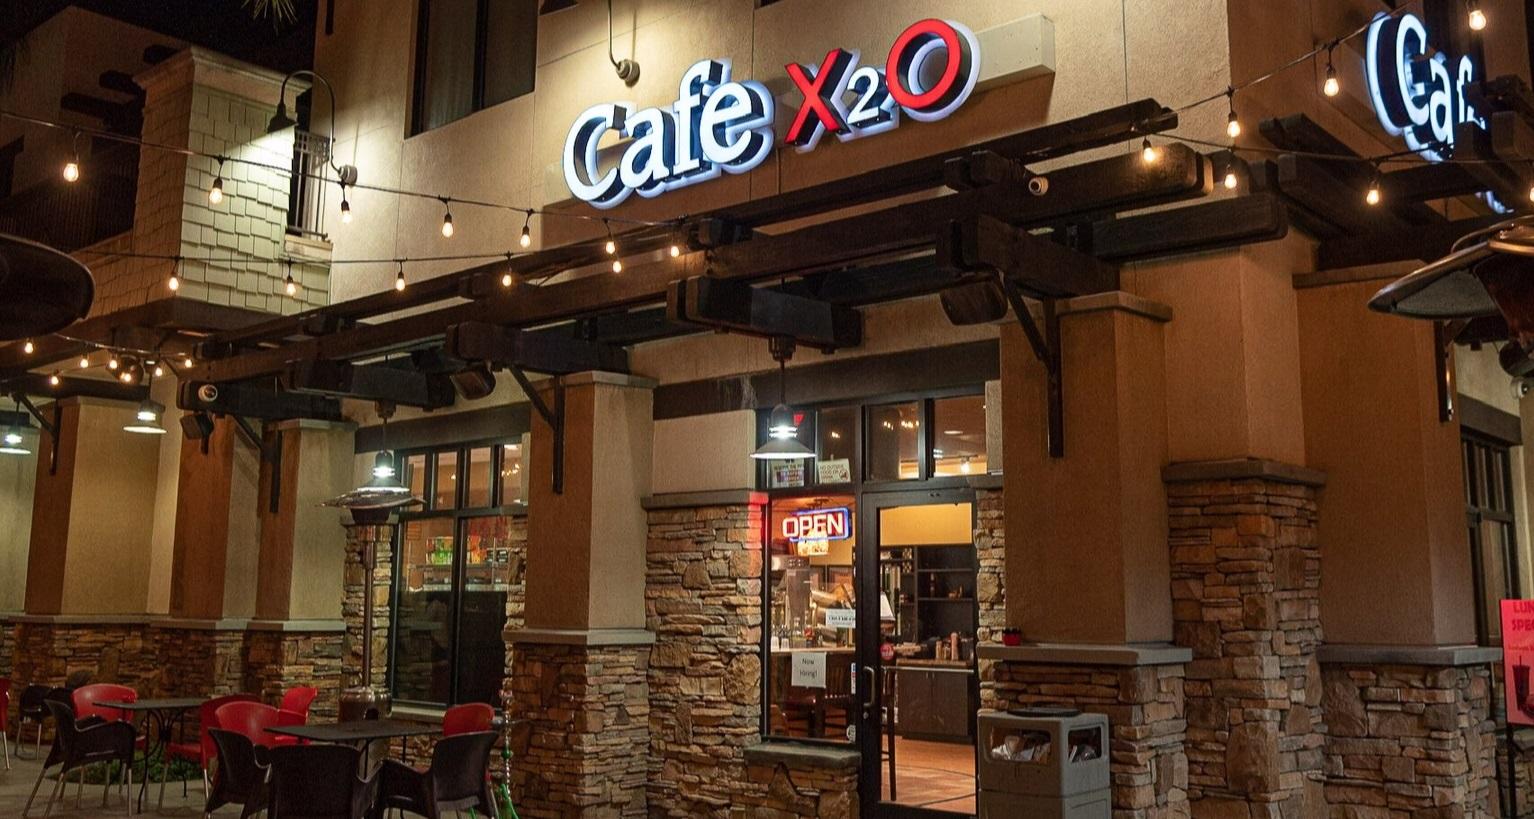 Glendora - CAFE X2O551 South Grand Ave.Glendora, California(626) 335-9000